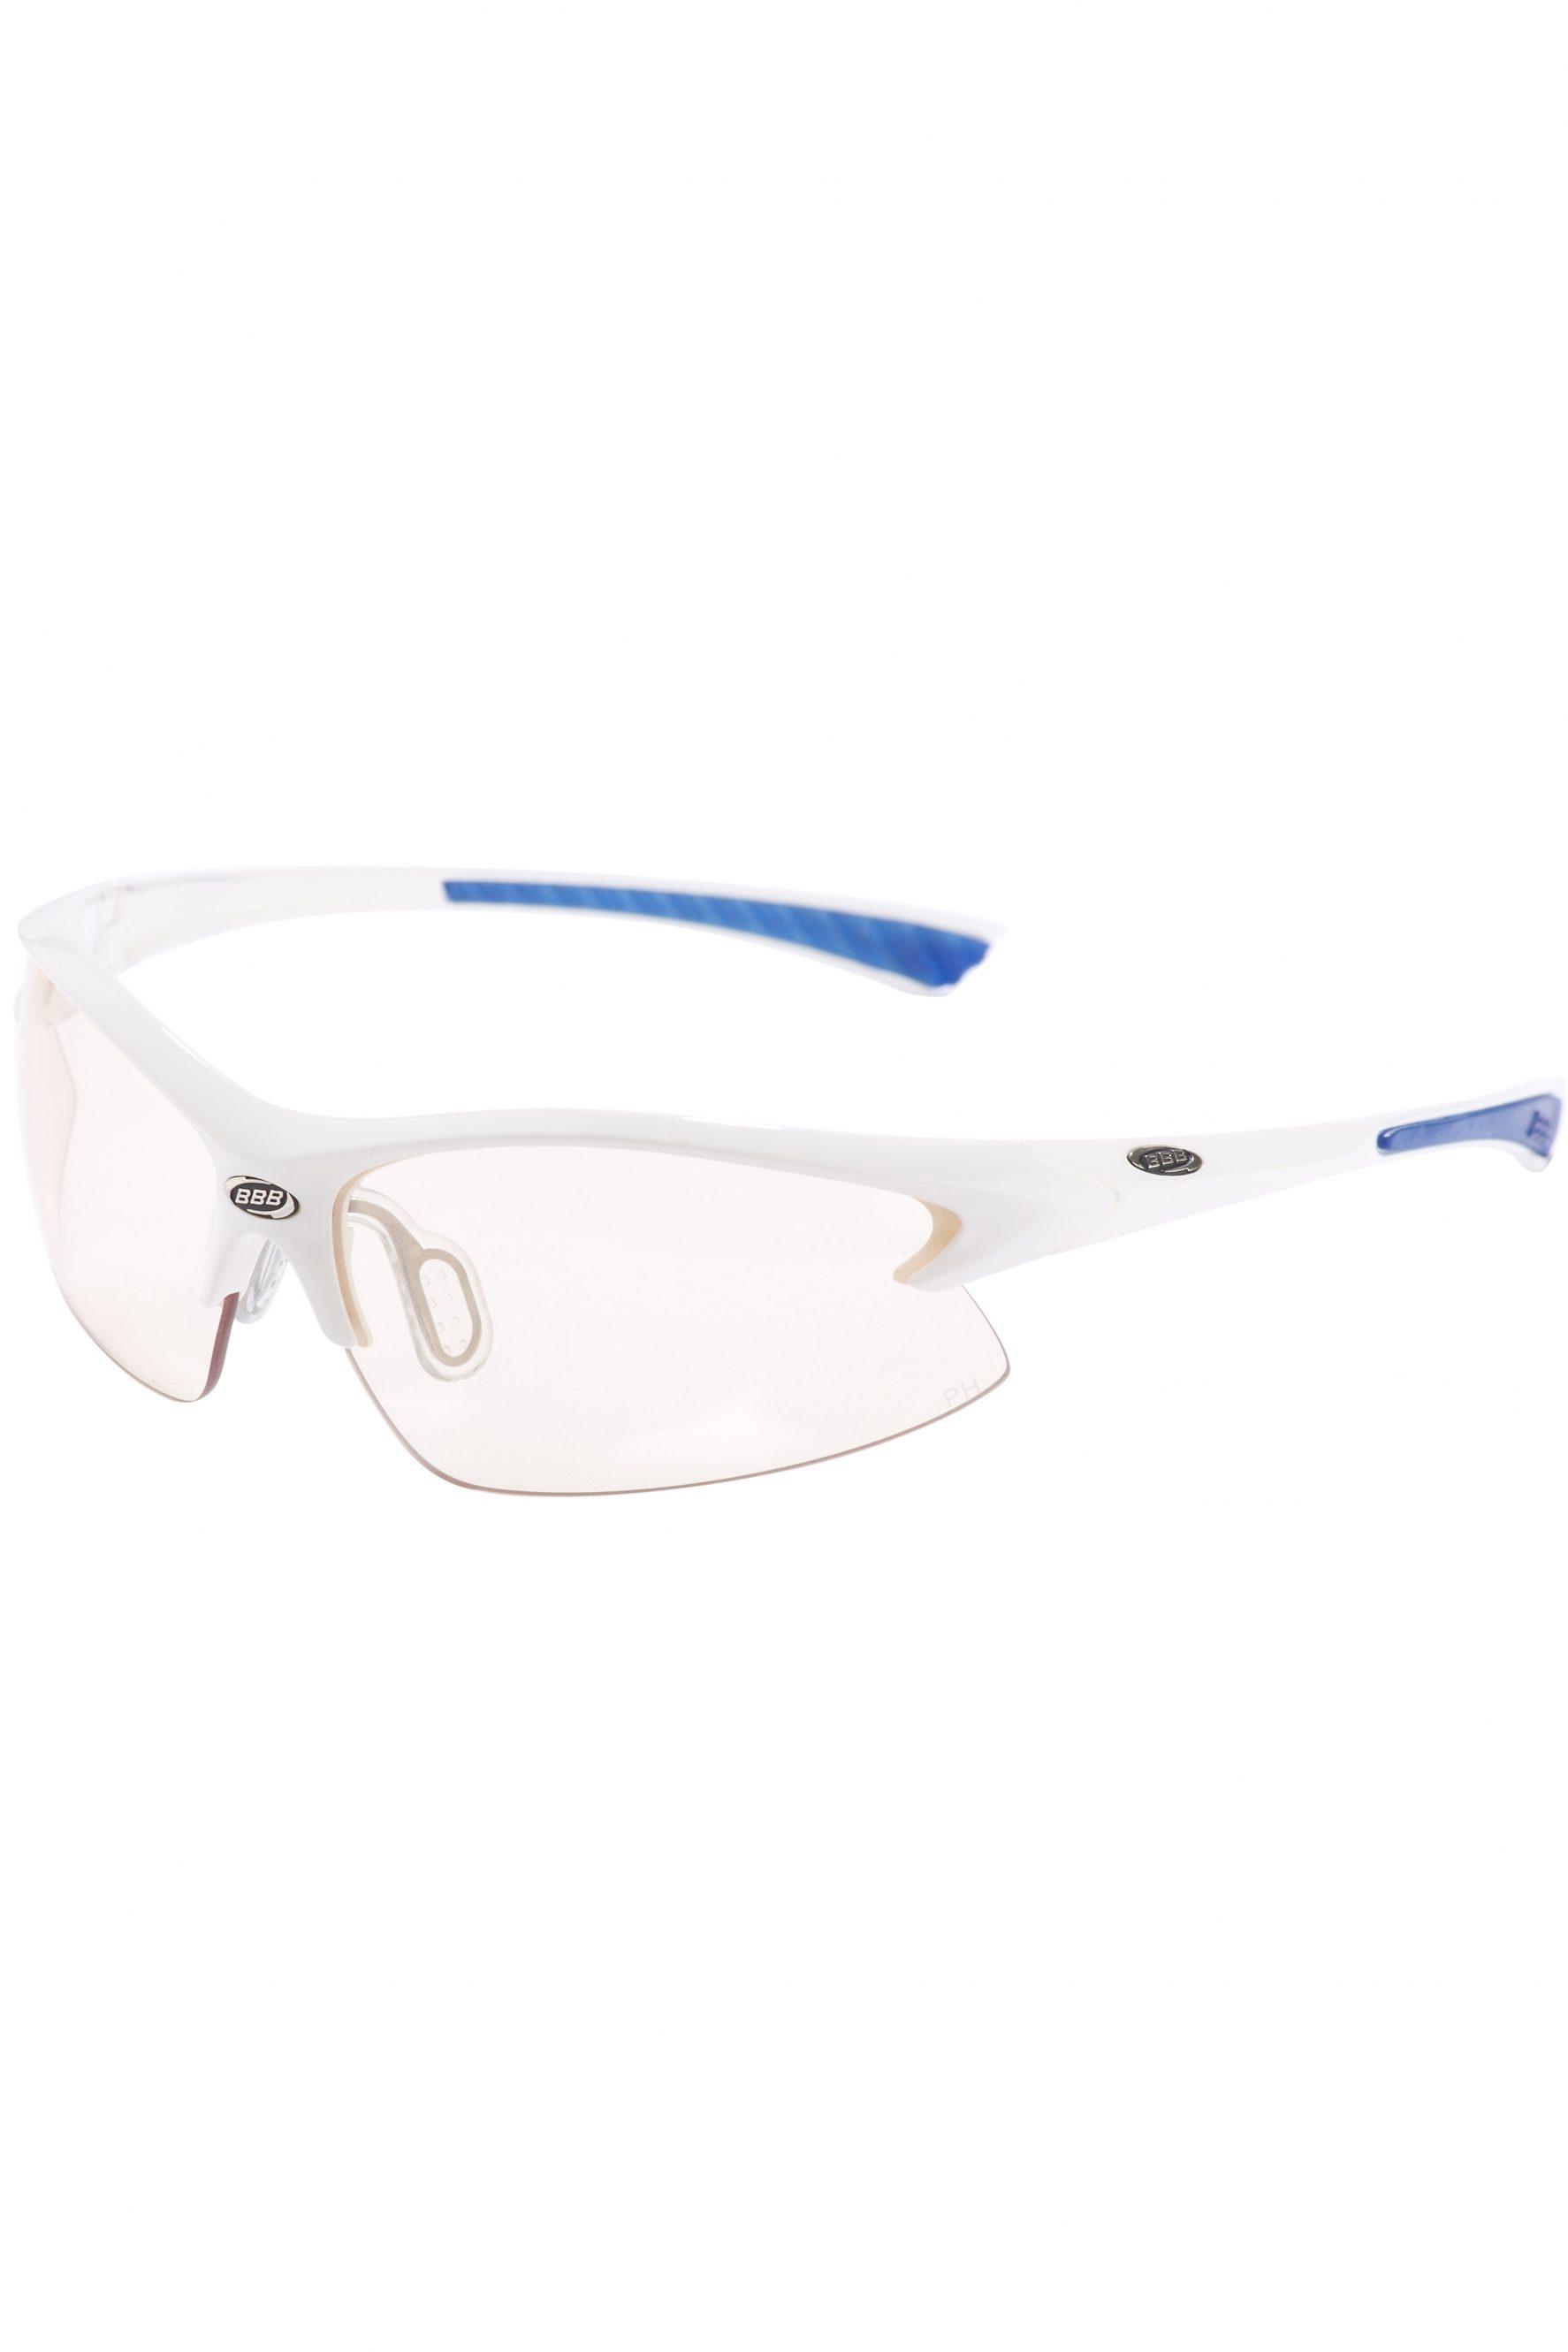 BBB Radsportbrille »Impulse SG-38 PH Sonnenrbille weiß«